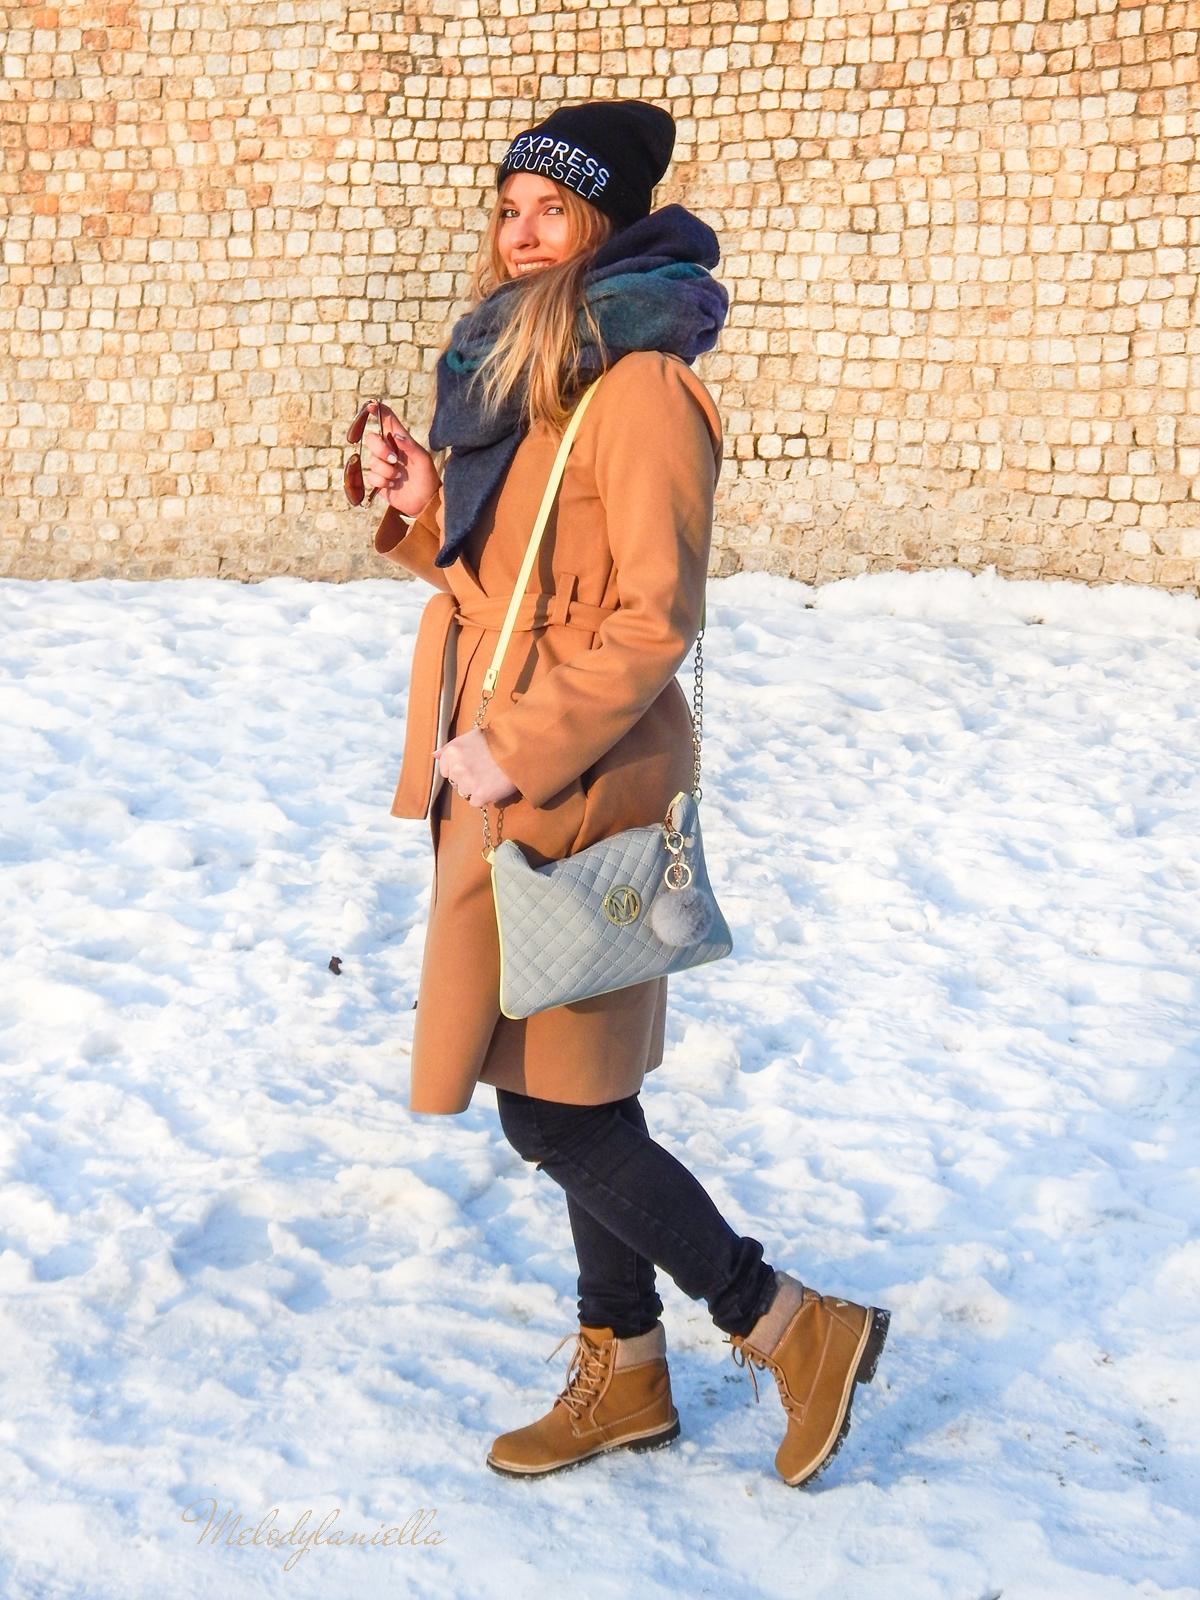 10  melodylaniella wełniany piaskowy beżowy karmelowy wielbłądzi płaszcz stylizacja na zimę białe dodatki torebka manzana trapery deichmann czepka bellissima duży szal okulary look of the day pikowana